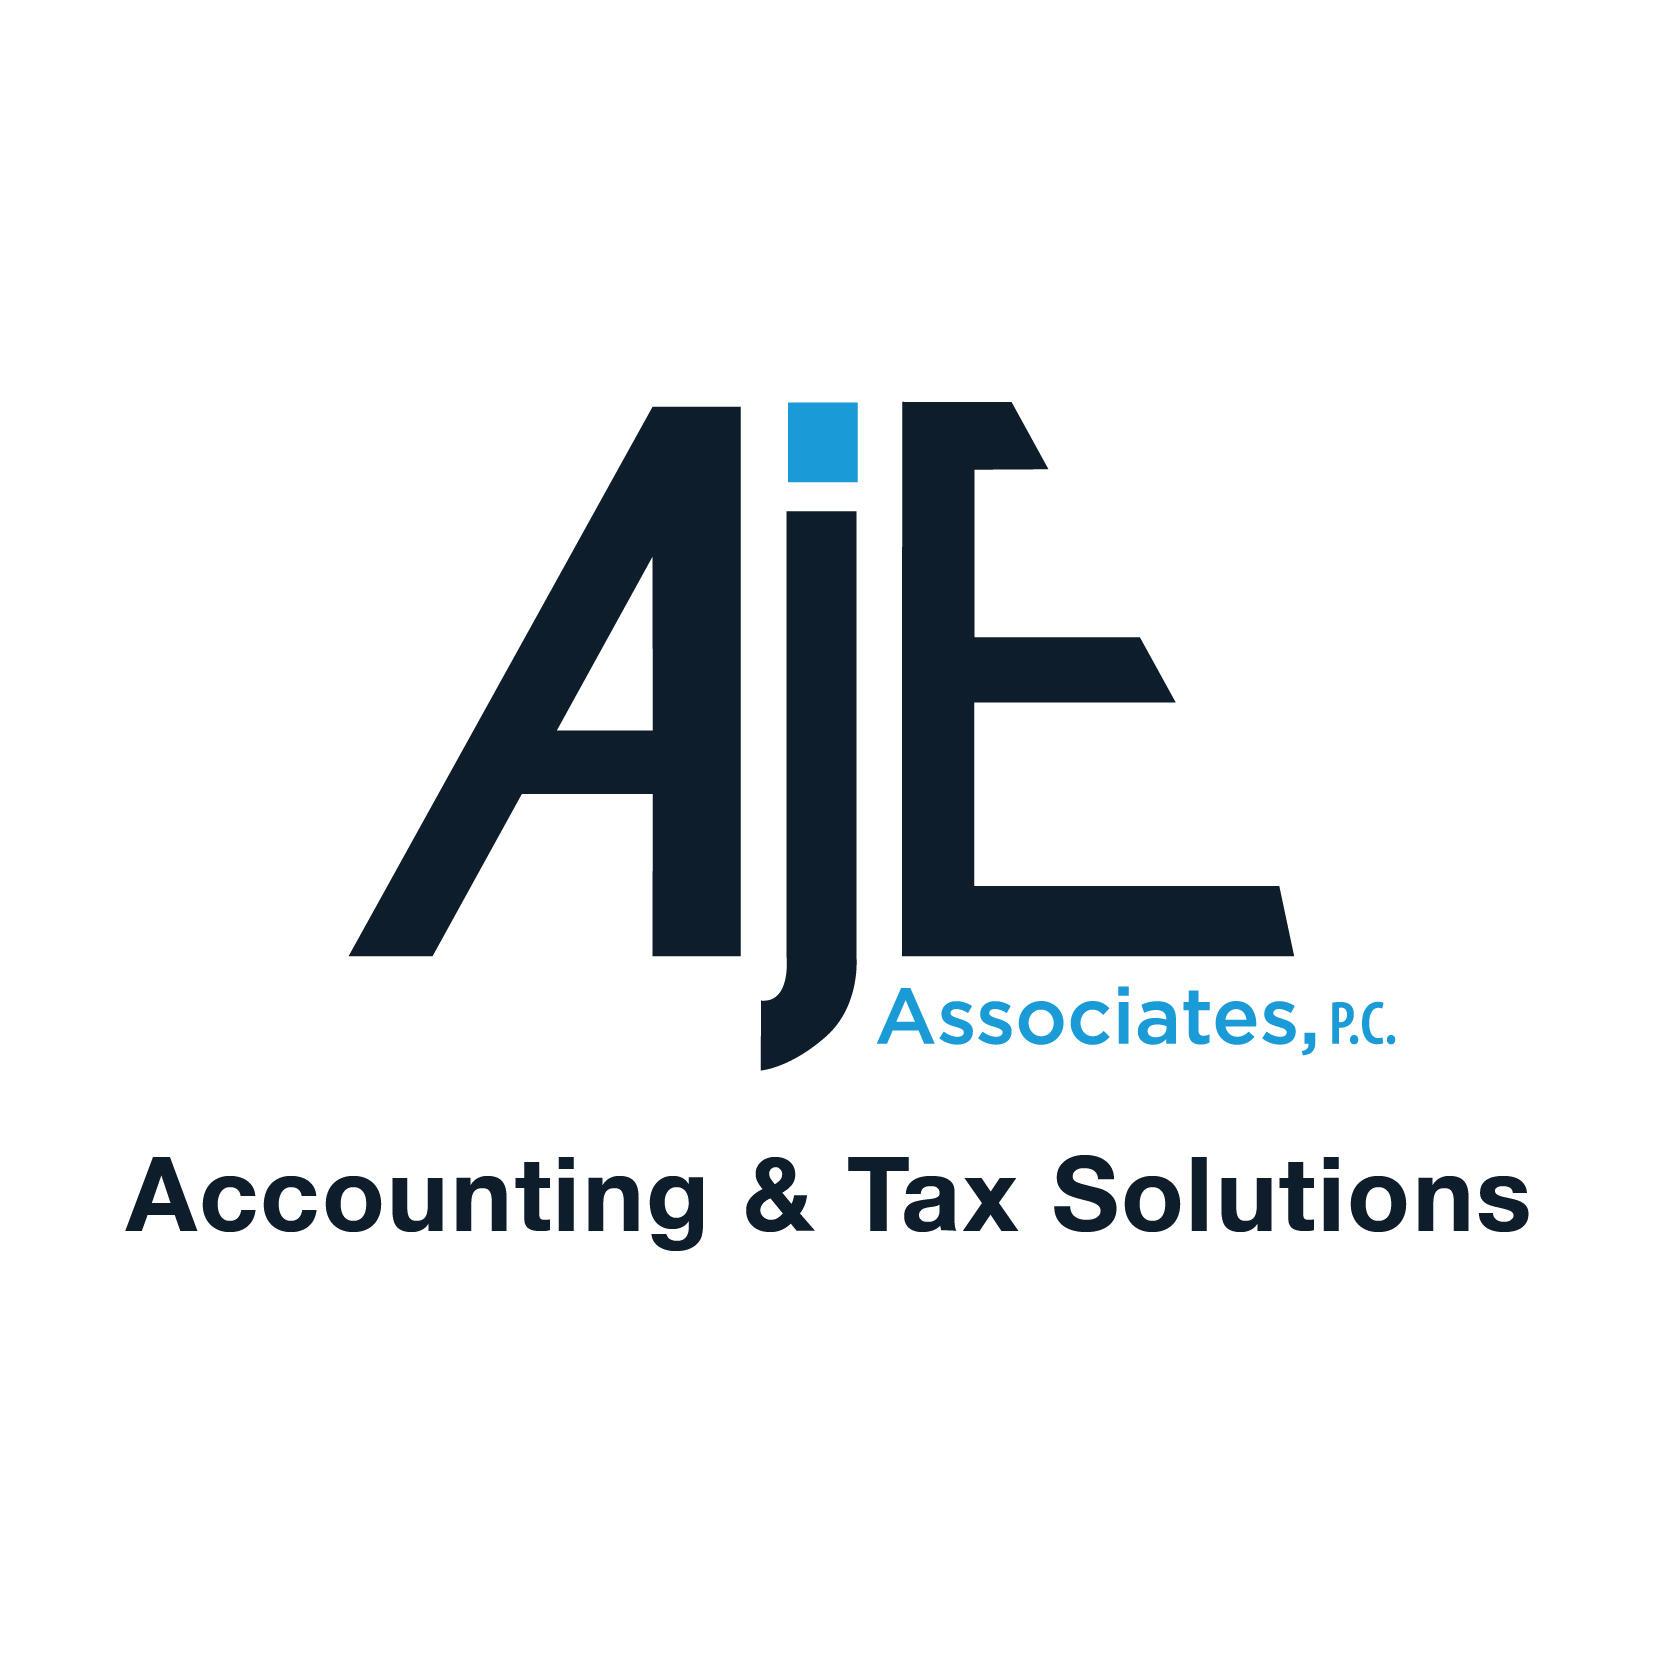 AJE Associates, PC